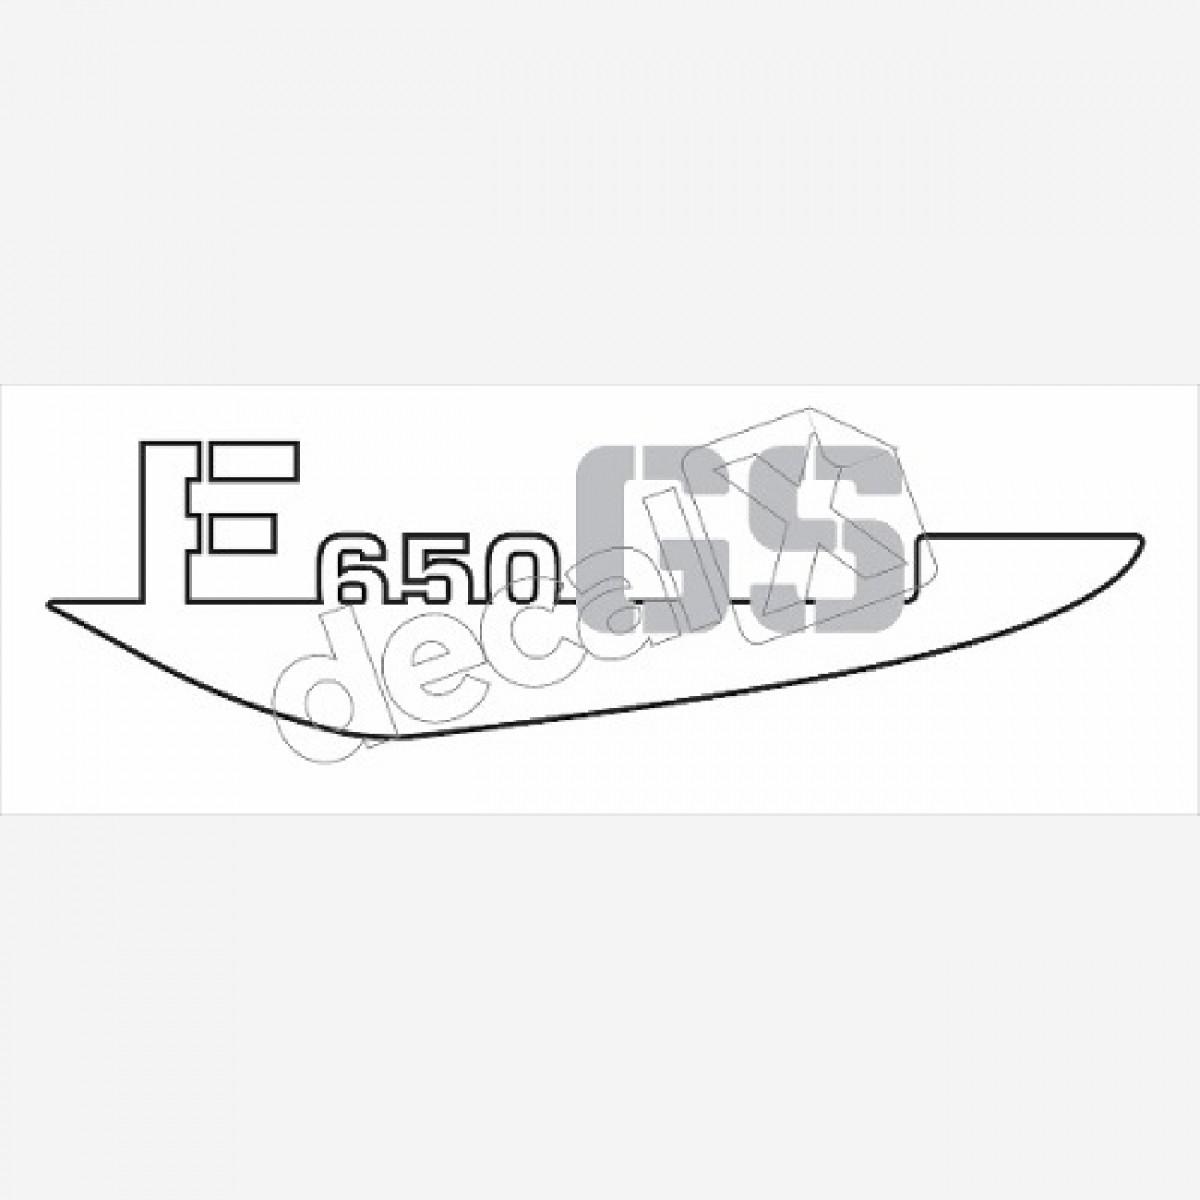 Emblema Adesivo Bmw F650gs Amarela Par Decalx